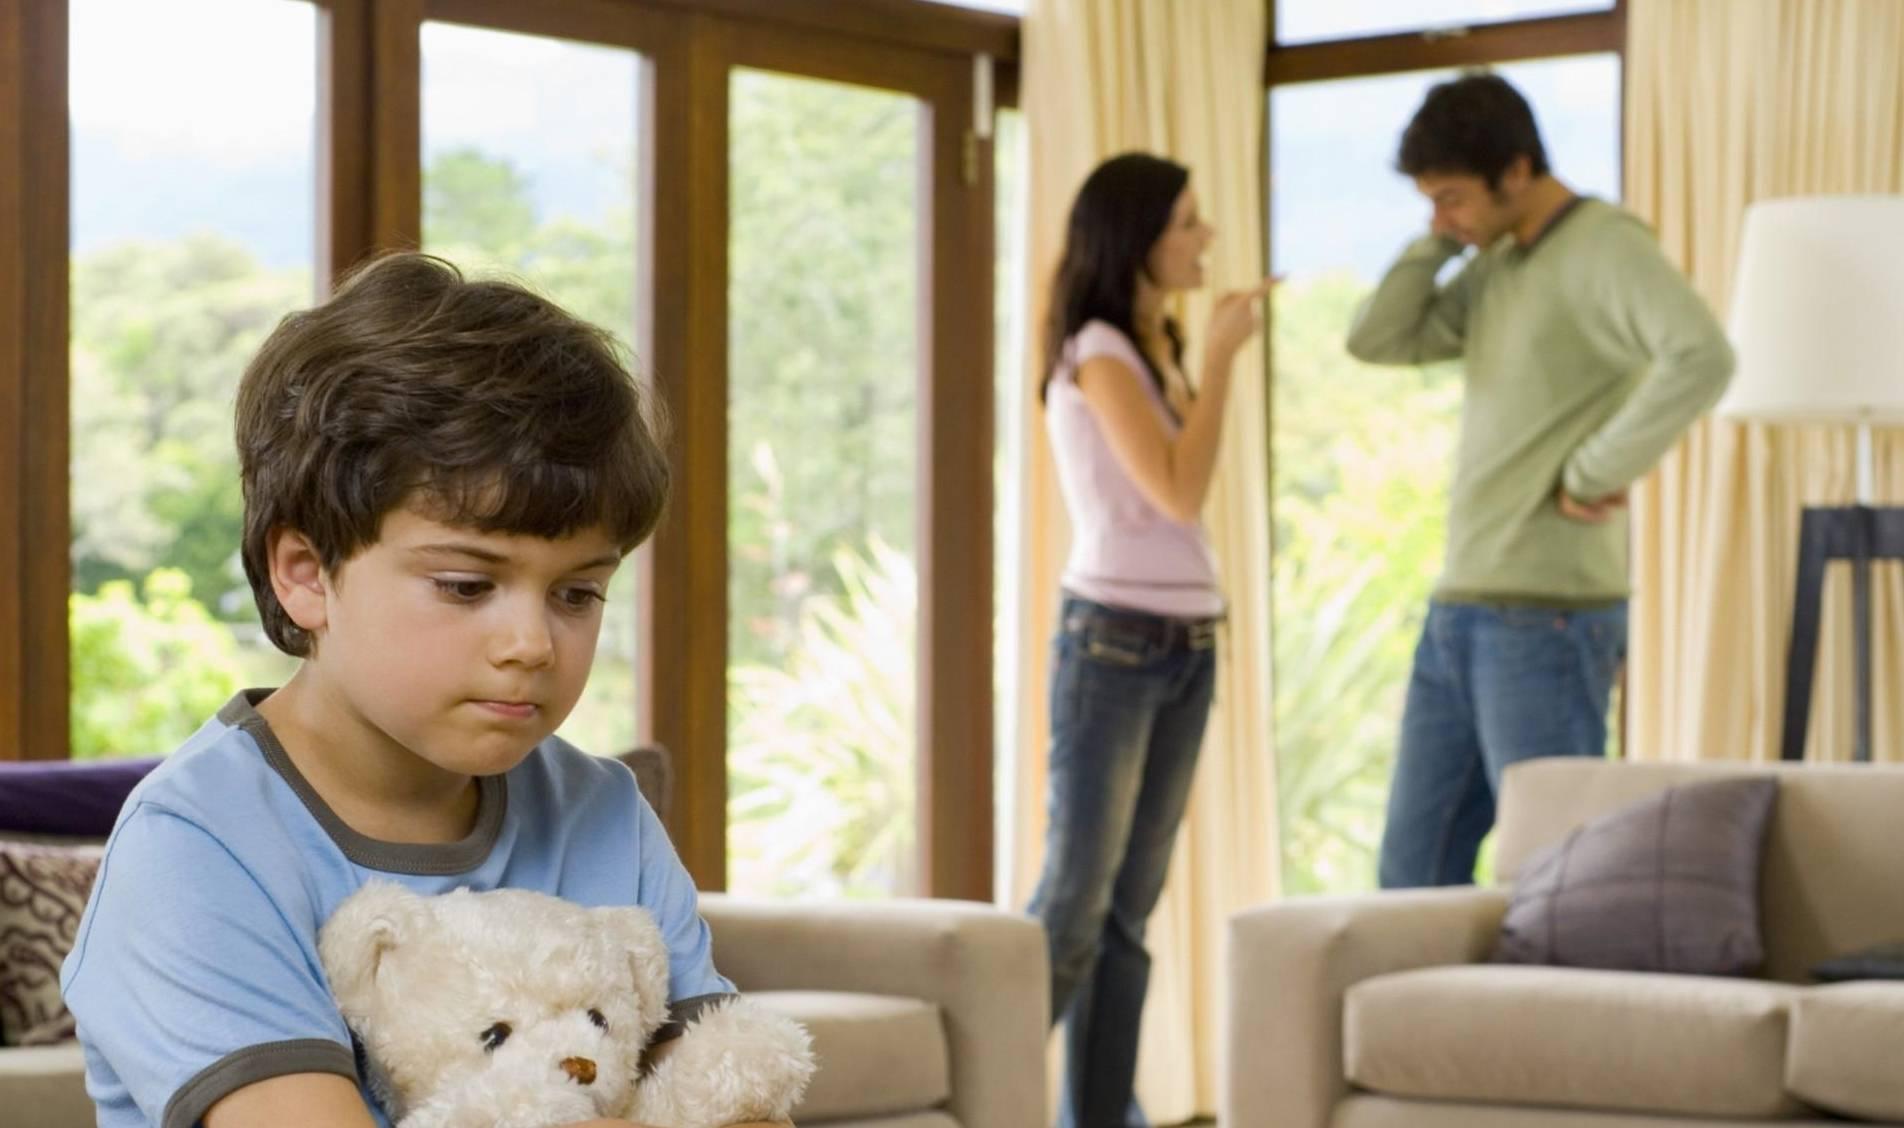 强势的父母会让孩子过于压抑 严重影响其情绪表达!